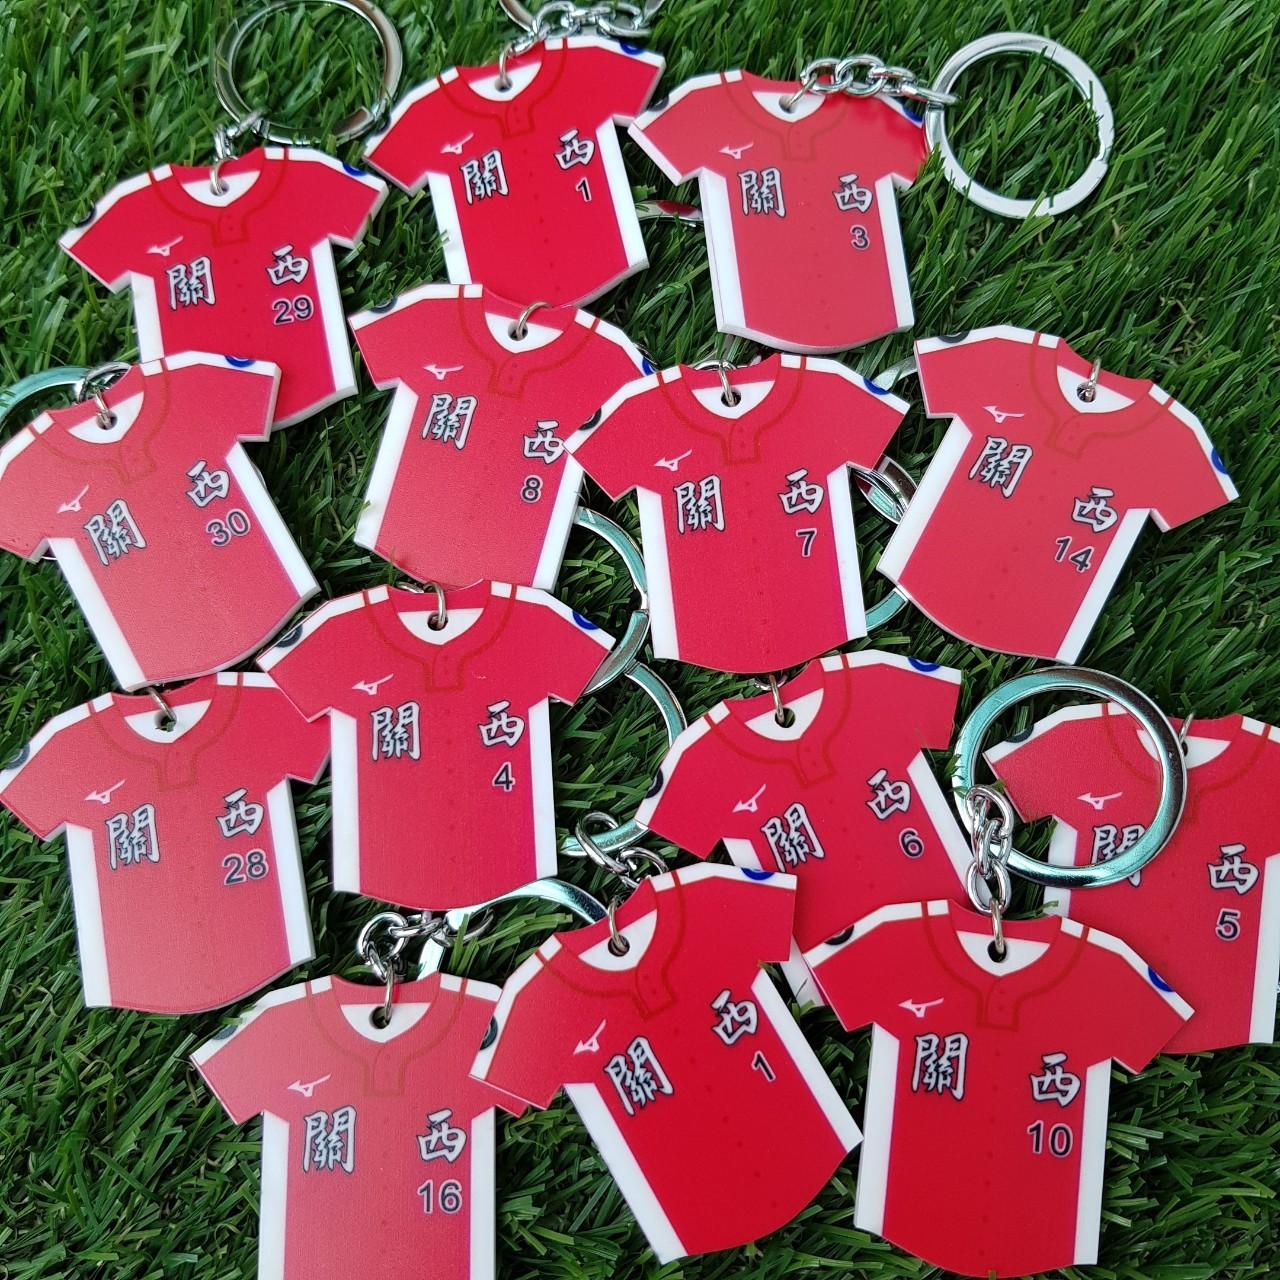 球衣造型 鑰匙圈